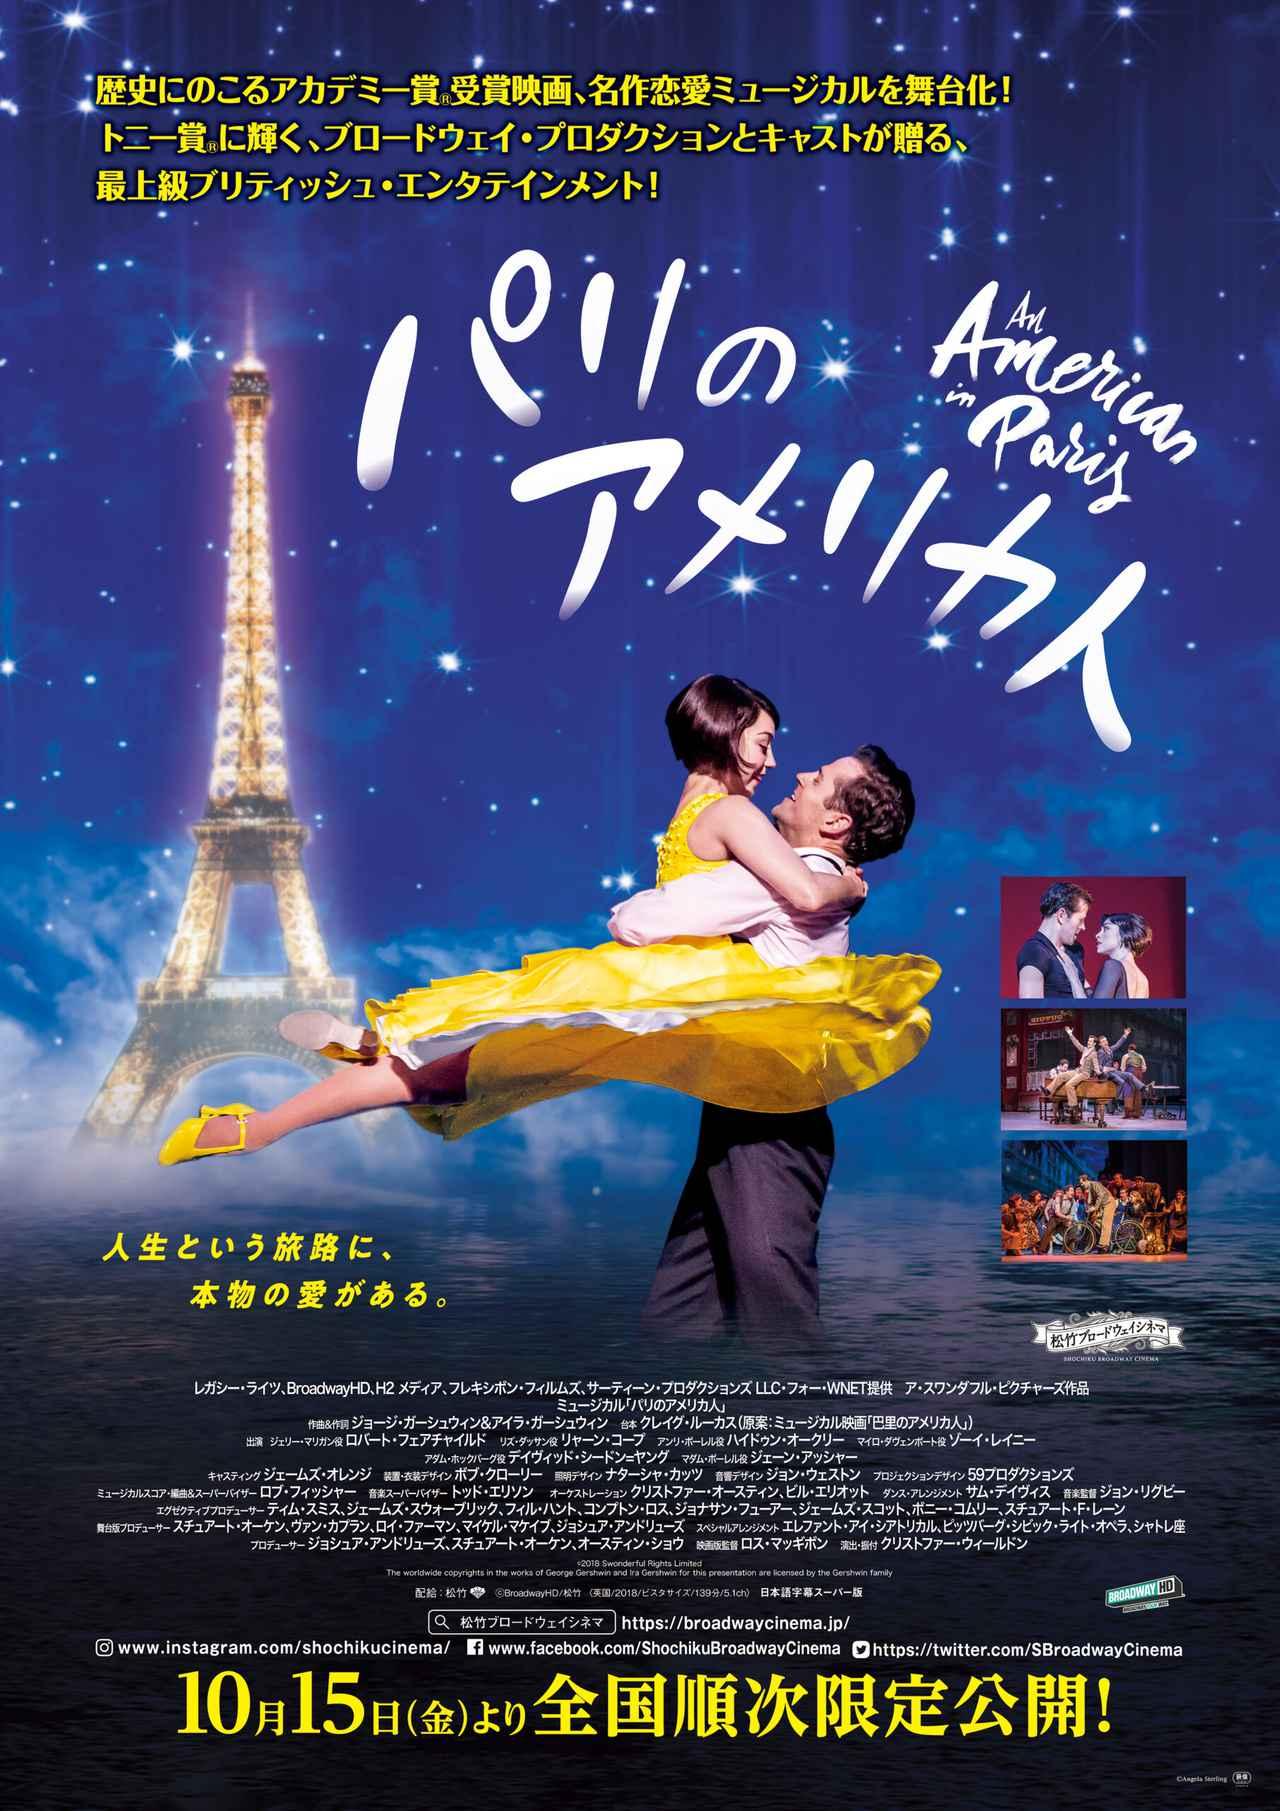 画像: 名作ミュージカルの舞台版を映画館で!『パリのアメリカ人』予告編・ポスタービジュアル解禁